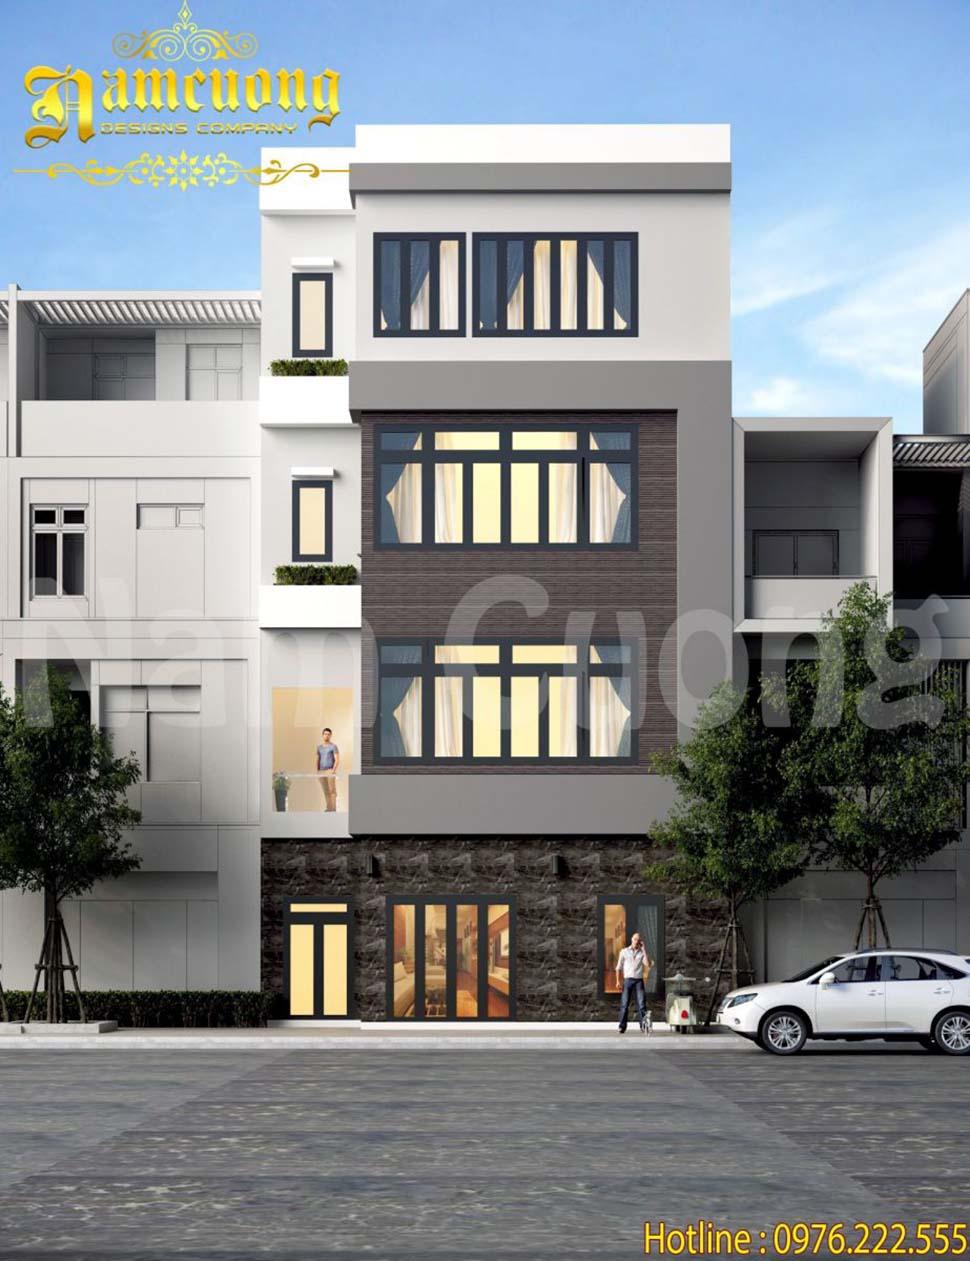 Thiết kế nhà 4 tầng hiện đại phong cách biệt thự hiện đại